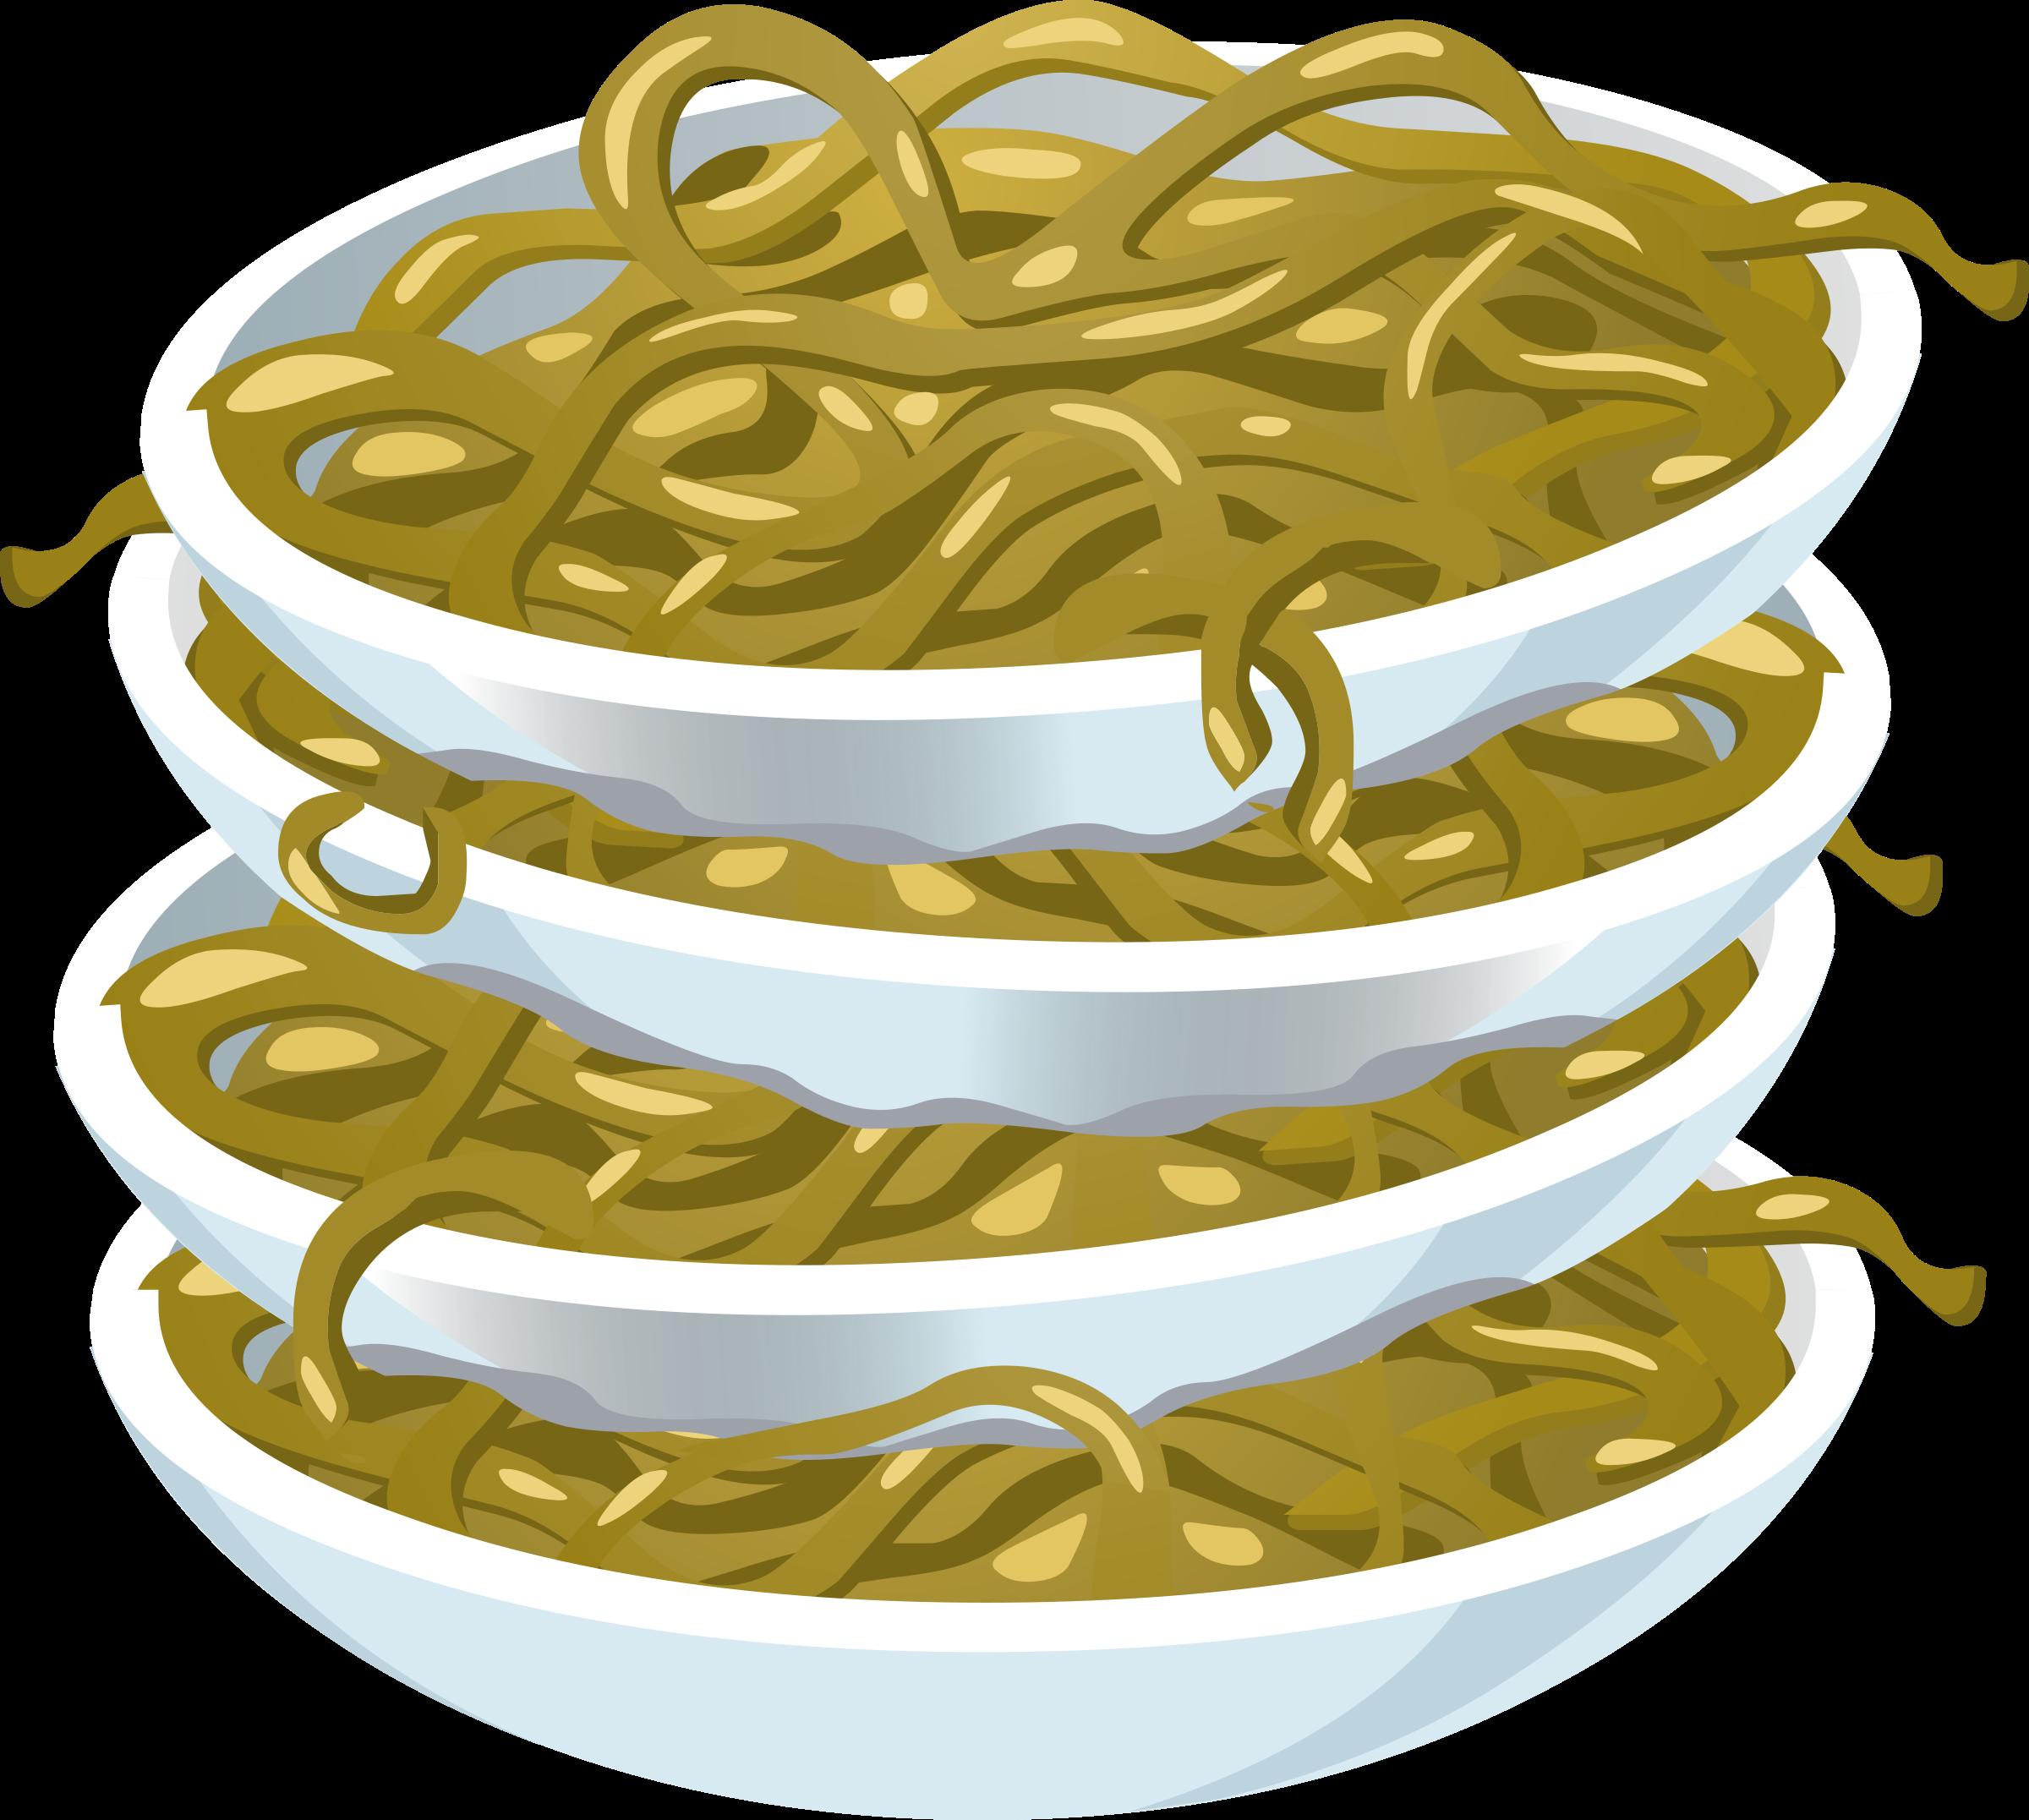 Noodle clipart fried noodle Fried Noodles Food Food Clipart